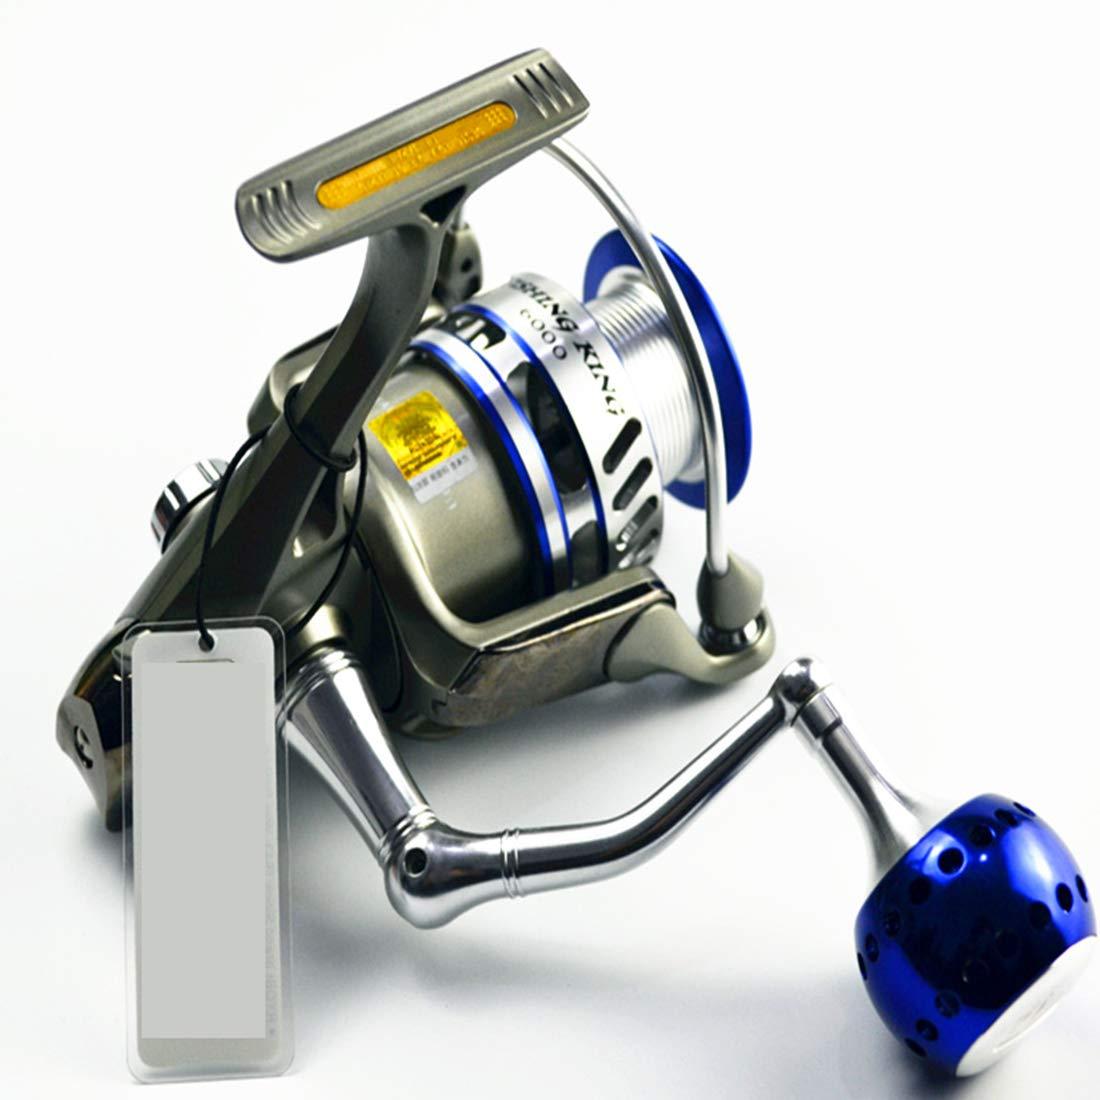 フルメタル回転釣りリール海水淡水トラウトリール 6000  B07QHGJG4S